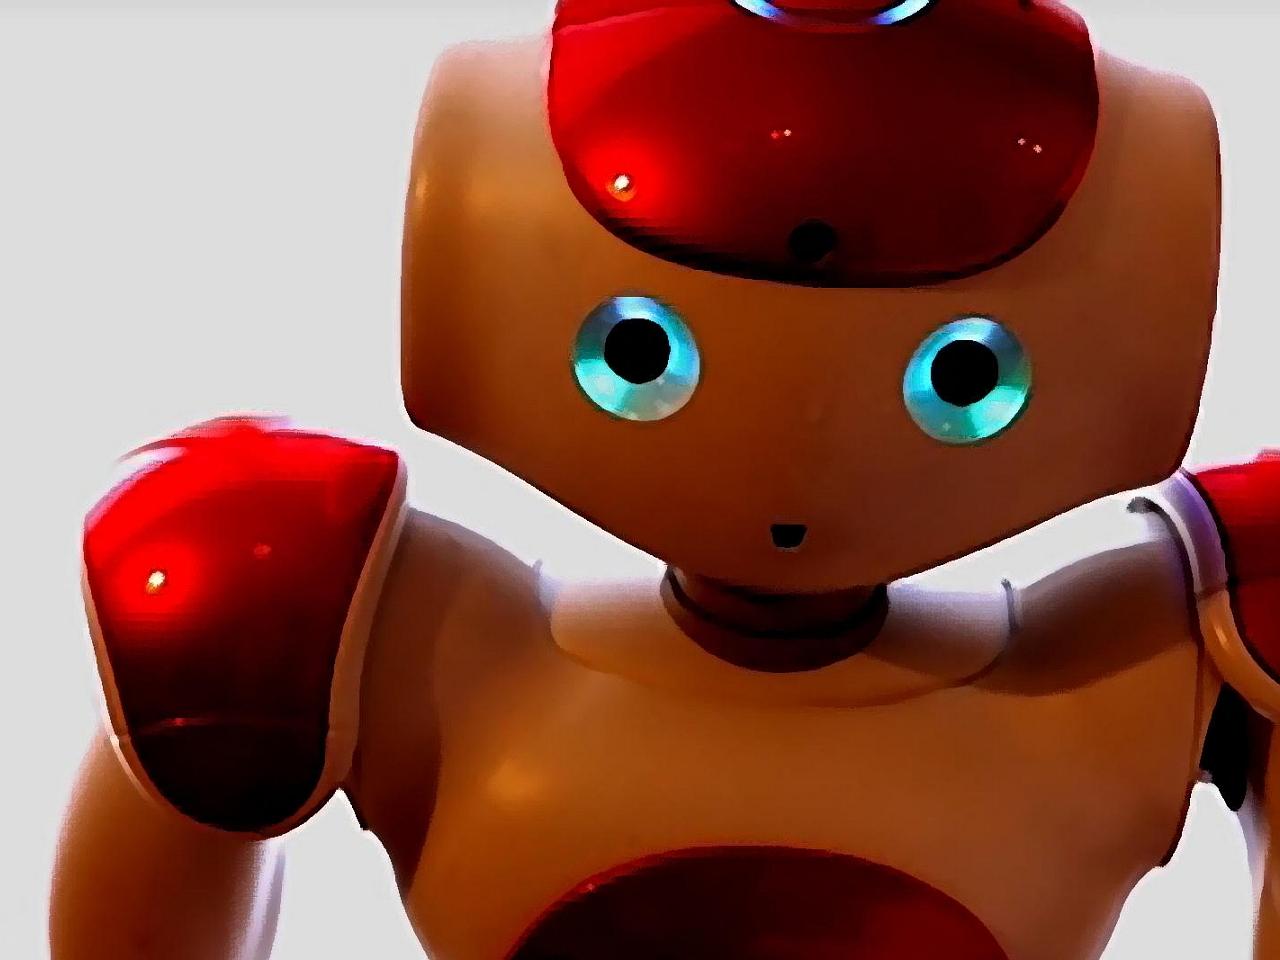 ロボット狙うランサムウェア、ビジネスを脅かす大きなリスクに?